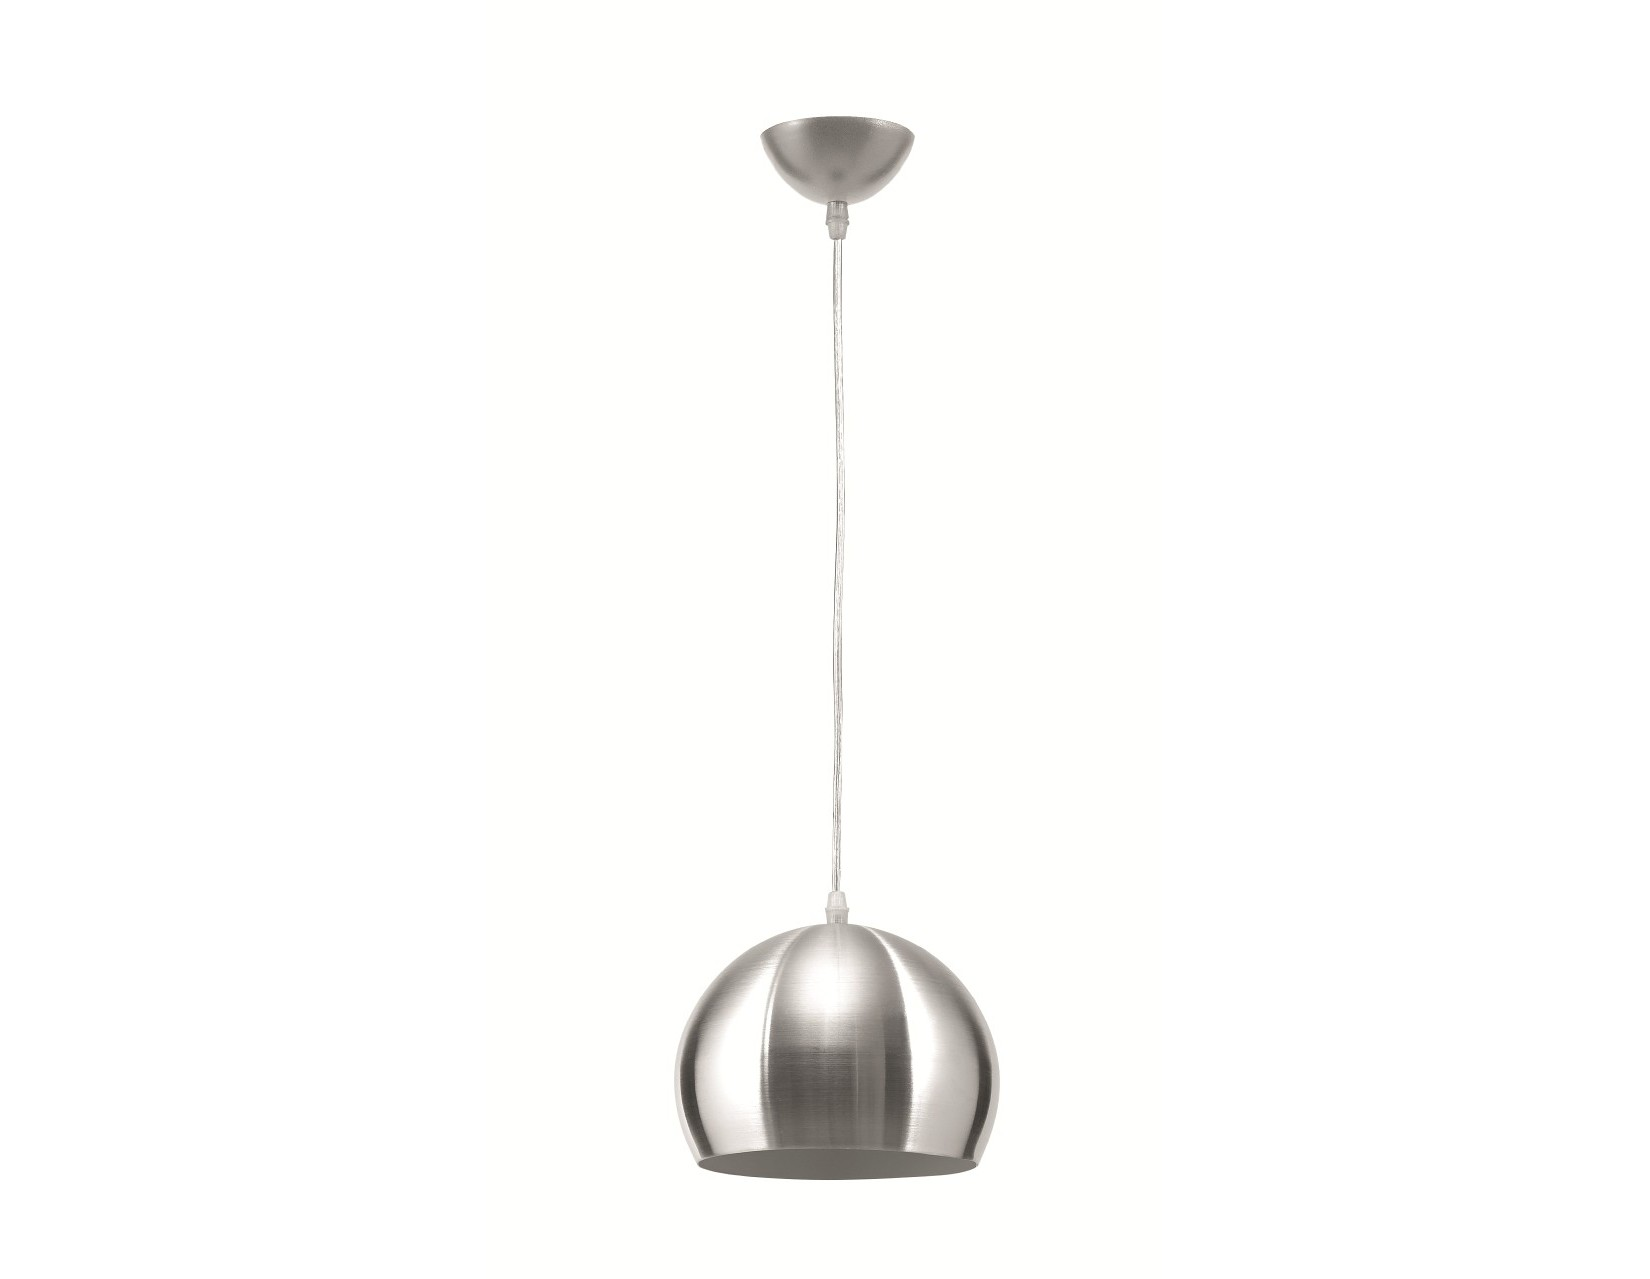 Лампа подвесная Kosmo S AluminiumПодвесные светильники<br>&amp;lt;div&amp;gt;Вид цоколя: Е27&amp;lt;/div&amp;gt;&amp;lt;div&amp;gt;Мощность лампы: 60&amp;lt;/div&amp;gt;&amp;lt;div&amp;gt;Количество ламп: 1&amp;lt;/div&amp;gt;&amp;lt;div&amp;gt;Наличие ламп: нет&amp;lt;/div&amp;gt;<br><br>Material: Металл<br>Height см: 130<br>Diameter см: 20